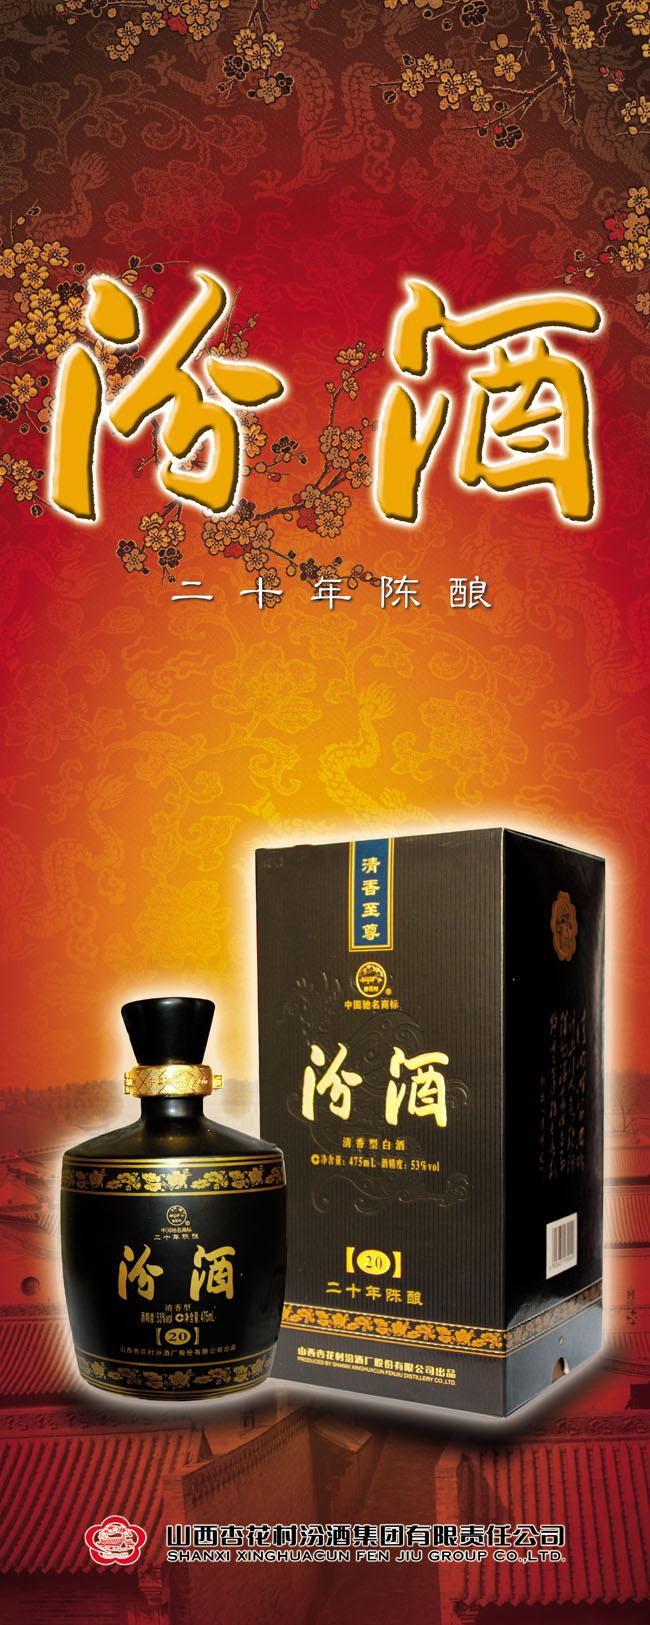 汾酒二十年陈酿展板海报psd素材